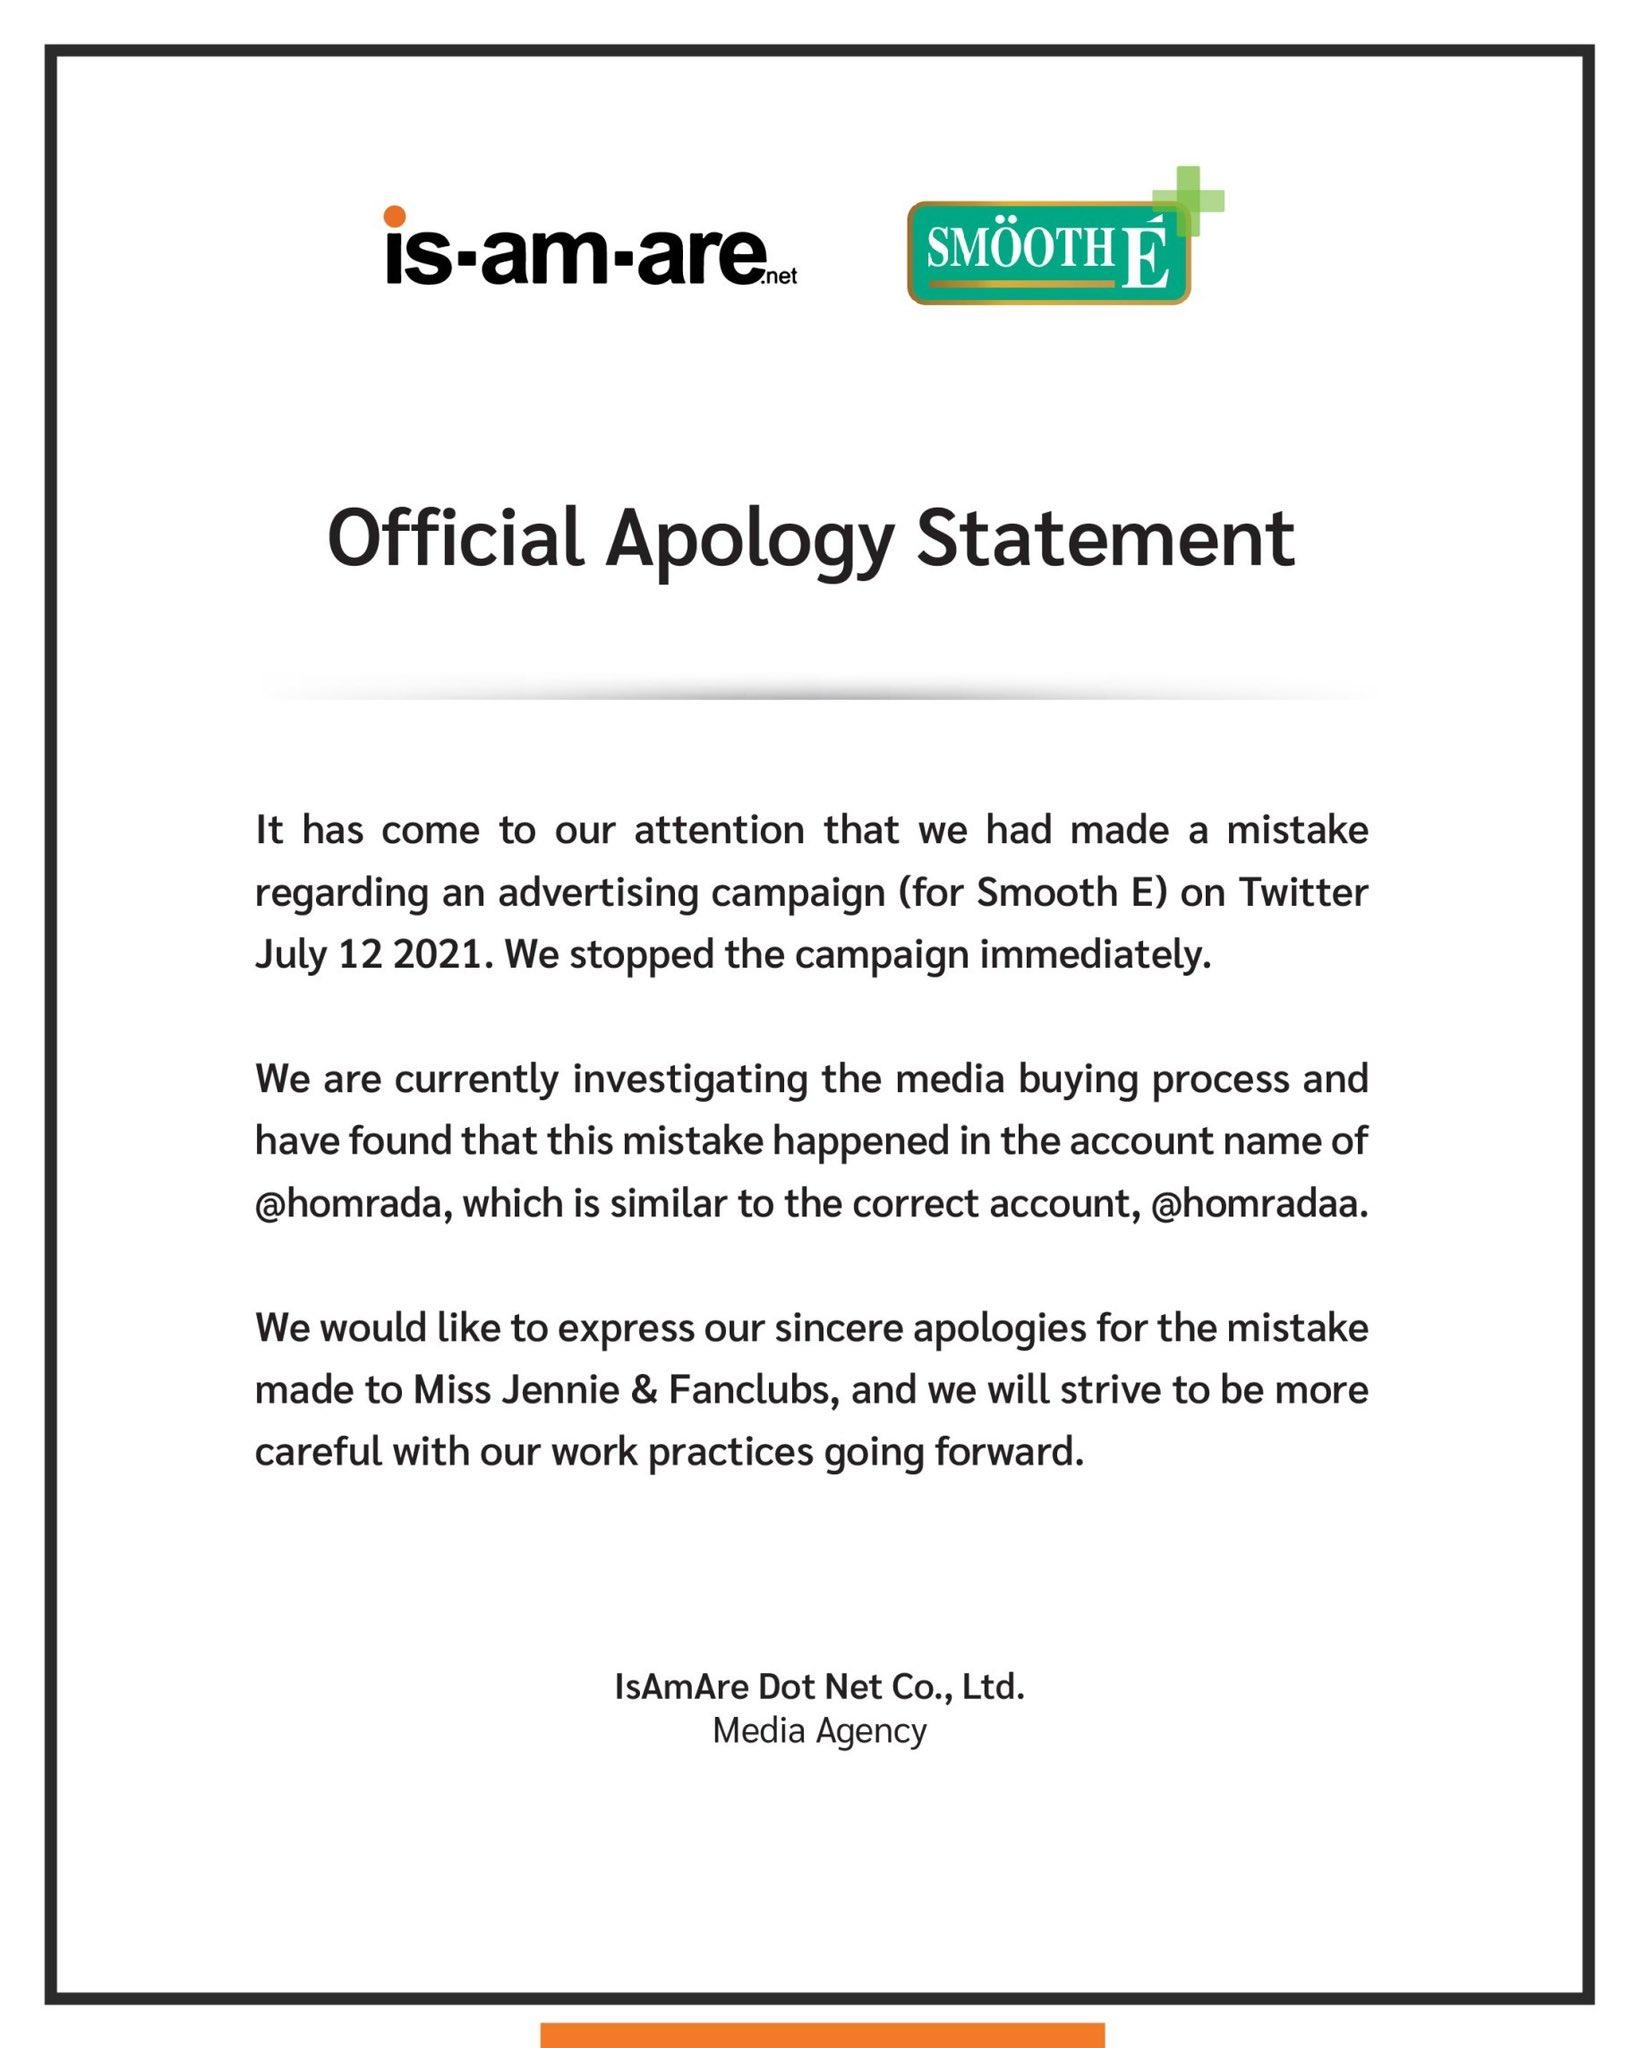 Phỉ báng Jennie, hãng mỹ phẩm Thái Lan phải lên tiếng xin lỗi cấp tốc trong đêm nhưng vẫn bị netizen kêu gọi tẩy chay - Ảnh 3.